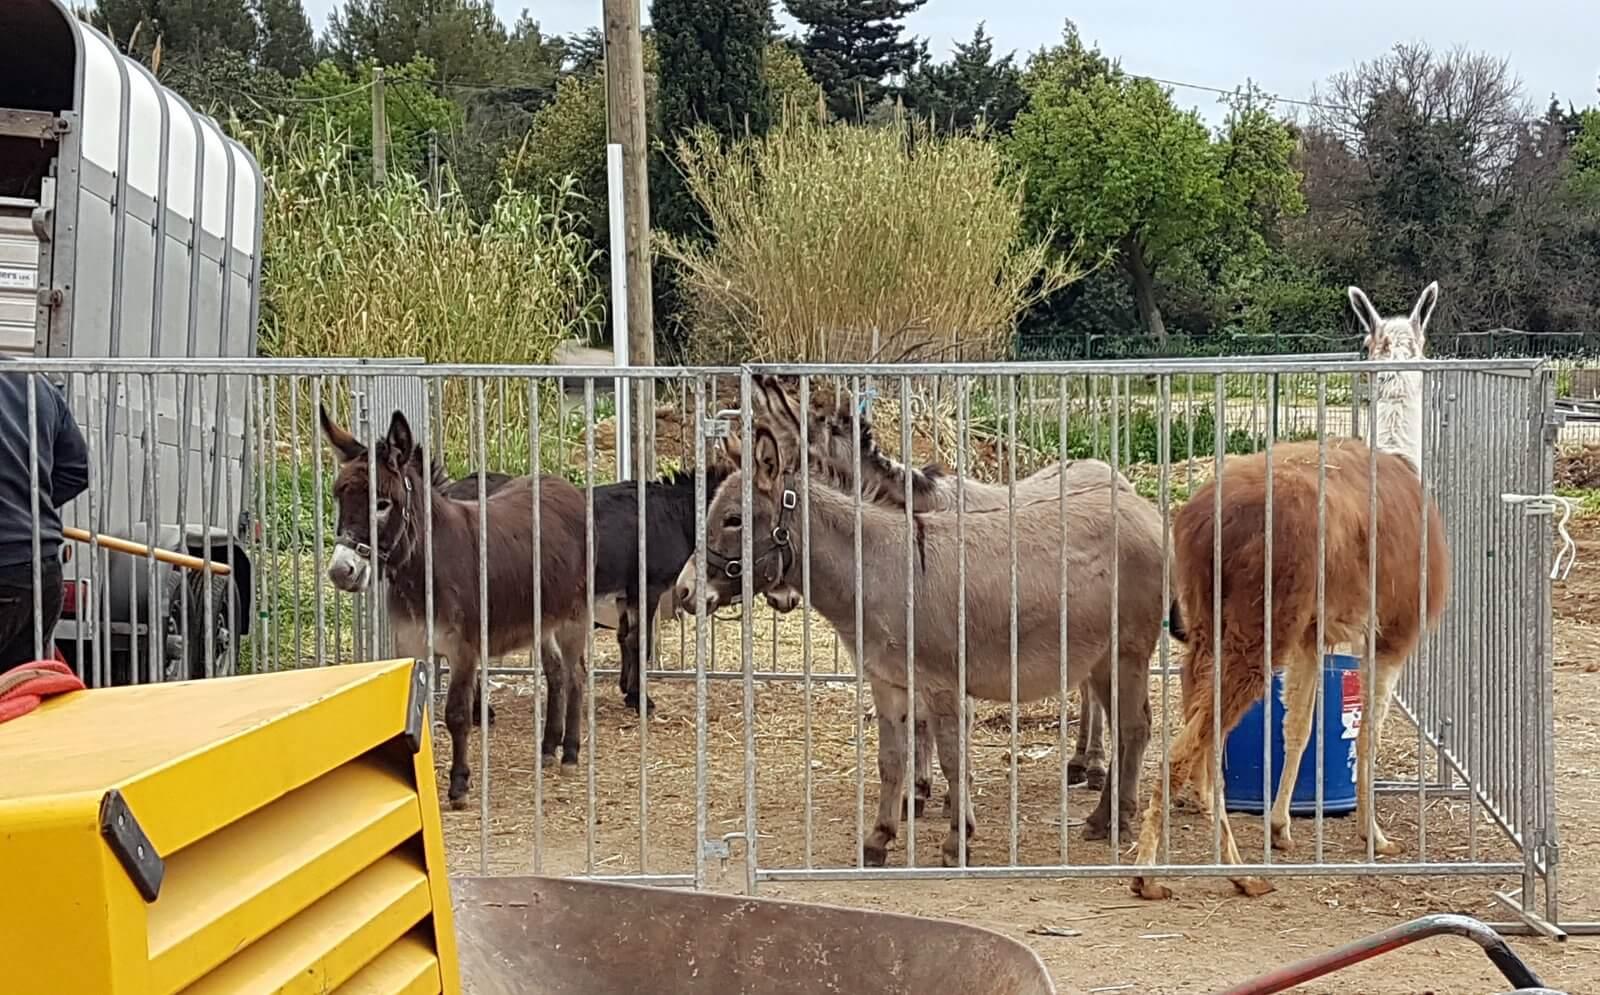 Grâce à son action elle parvient à faire interdire les cruels cirques animaliers dans sa commune